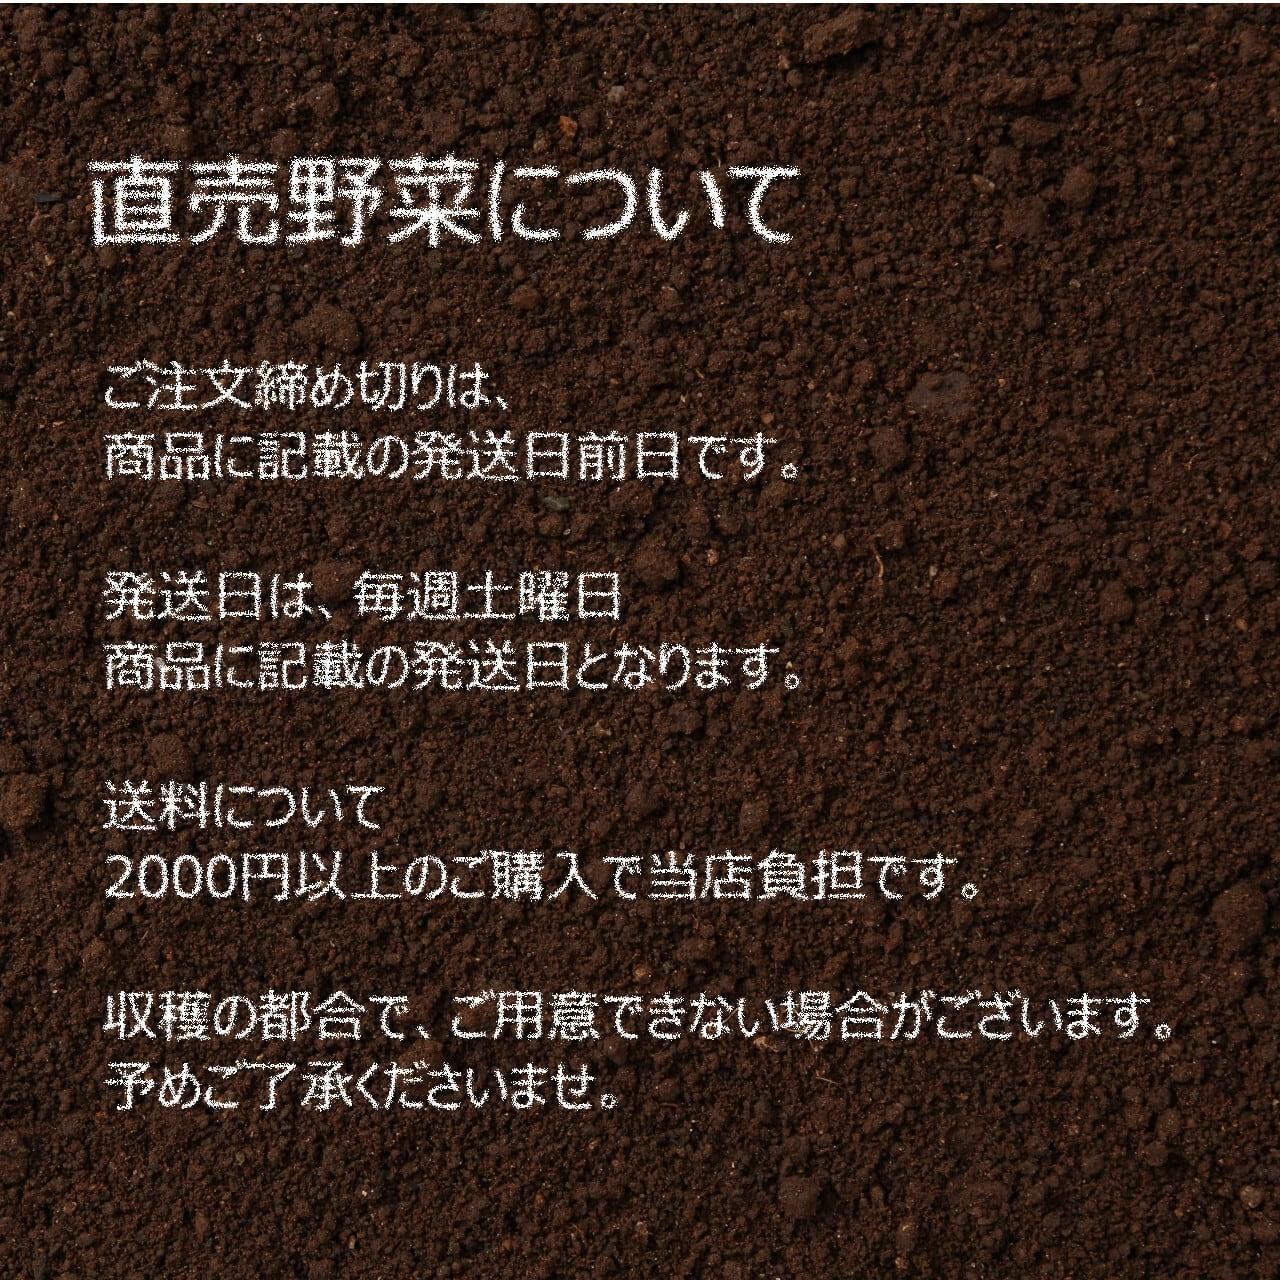 春の新鮮野菜 大根菜 約300g: 5月の朝採り直売野菜 5月29日発送予定